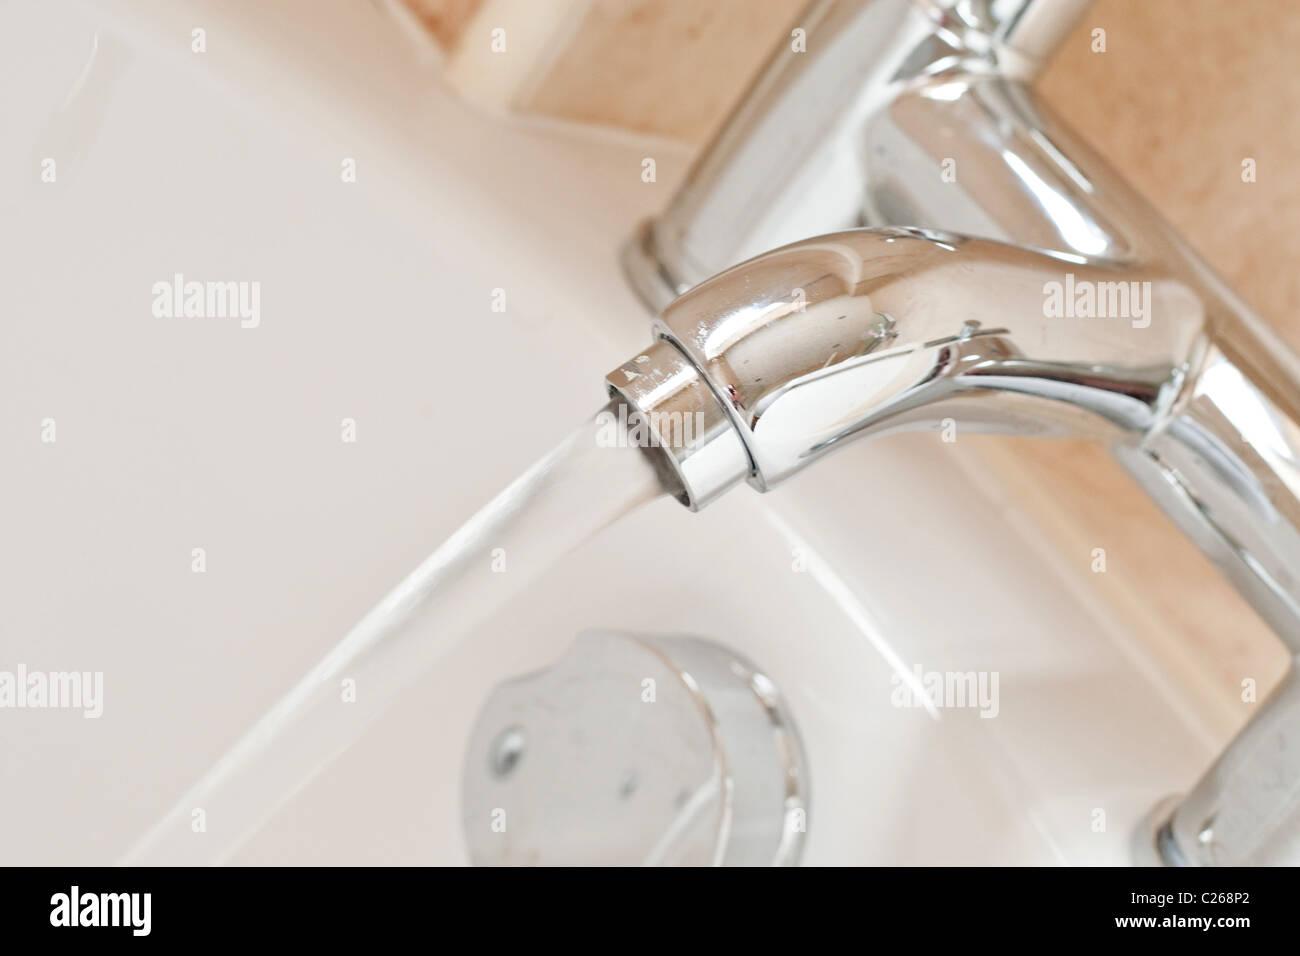 Bathroom Taps - Stock Image